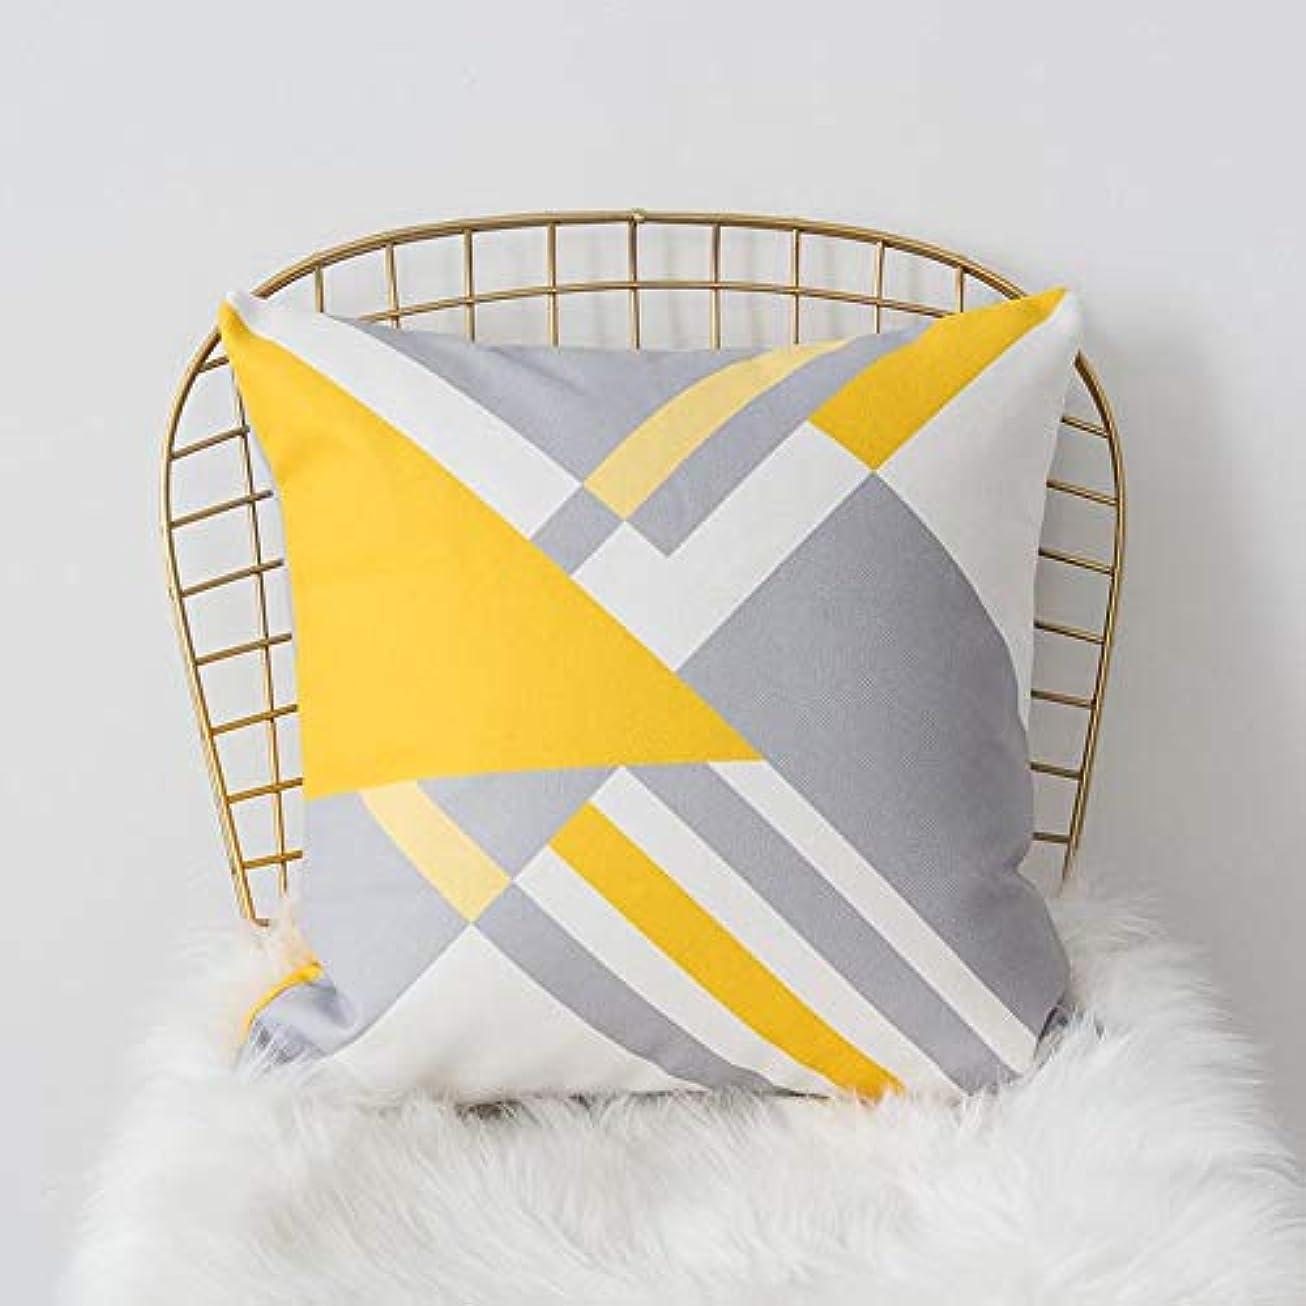 体操示す国勢調査SMART 黄色グレー枕北欧スタイル黄色ヘラジカ幾何枕リビングルームのインテリアソファクッション Cojines 装飾良質 クッション 椅子